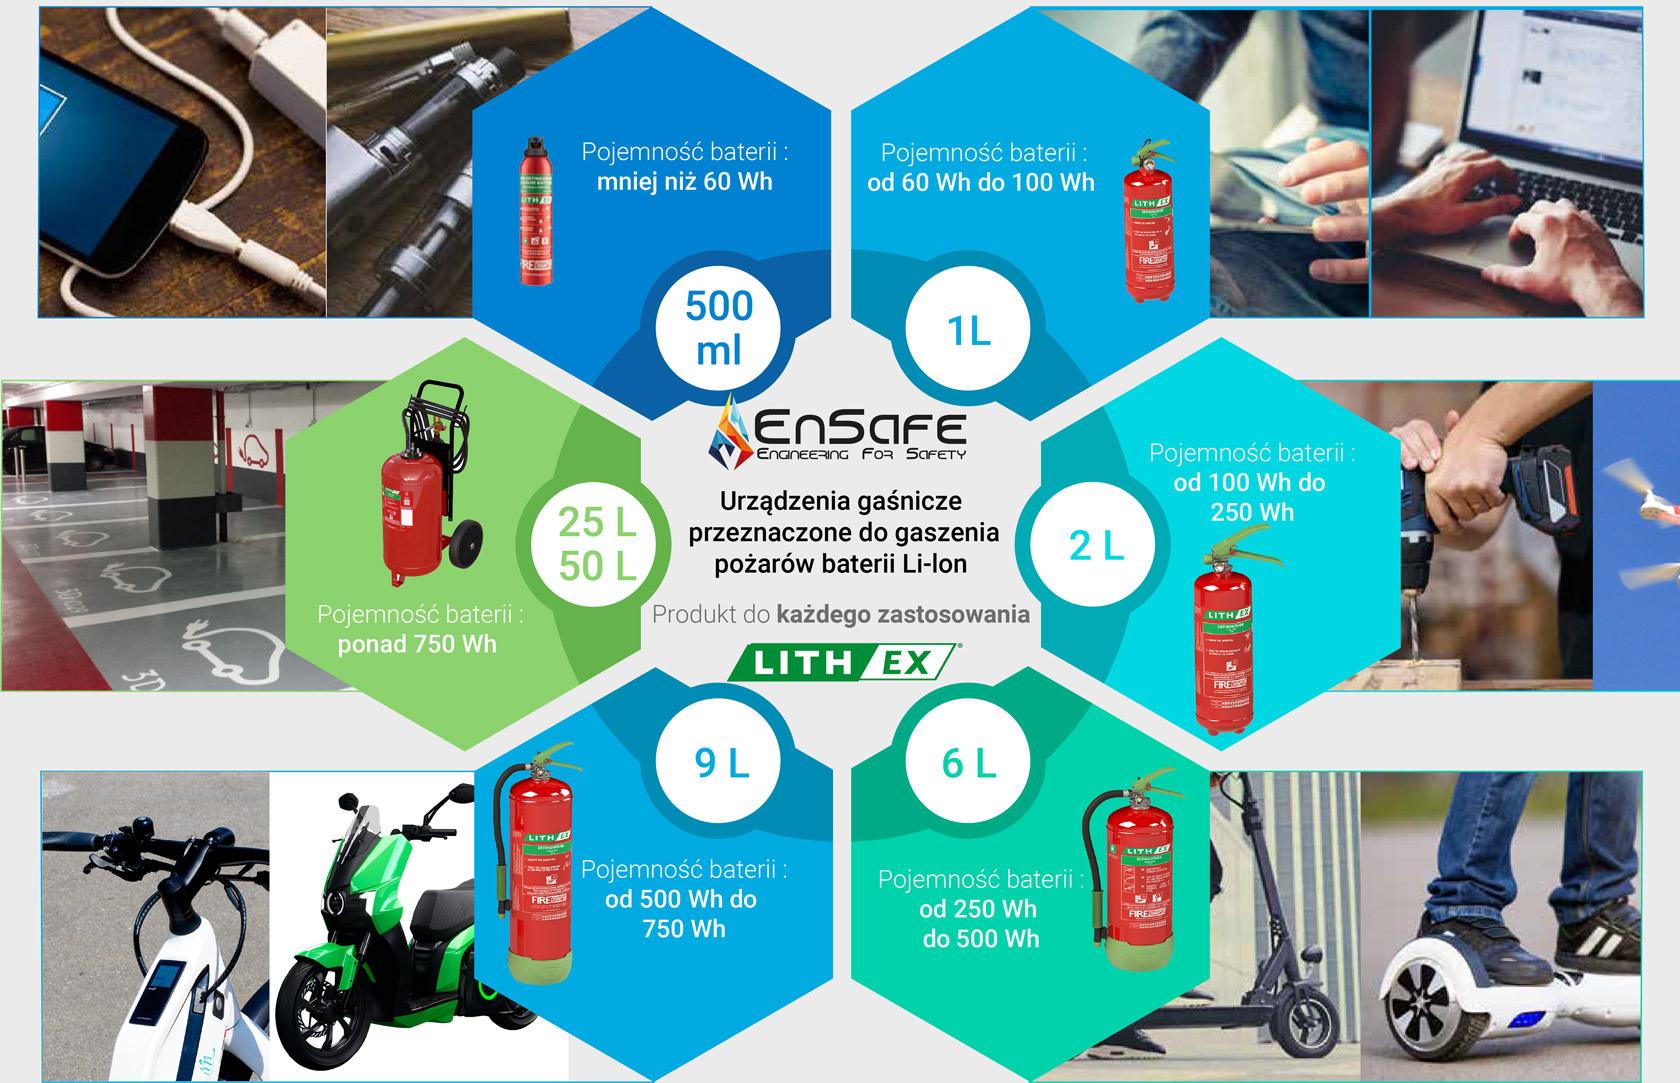 gaśnice do baterii przykłady zastosowania